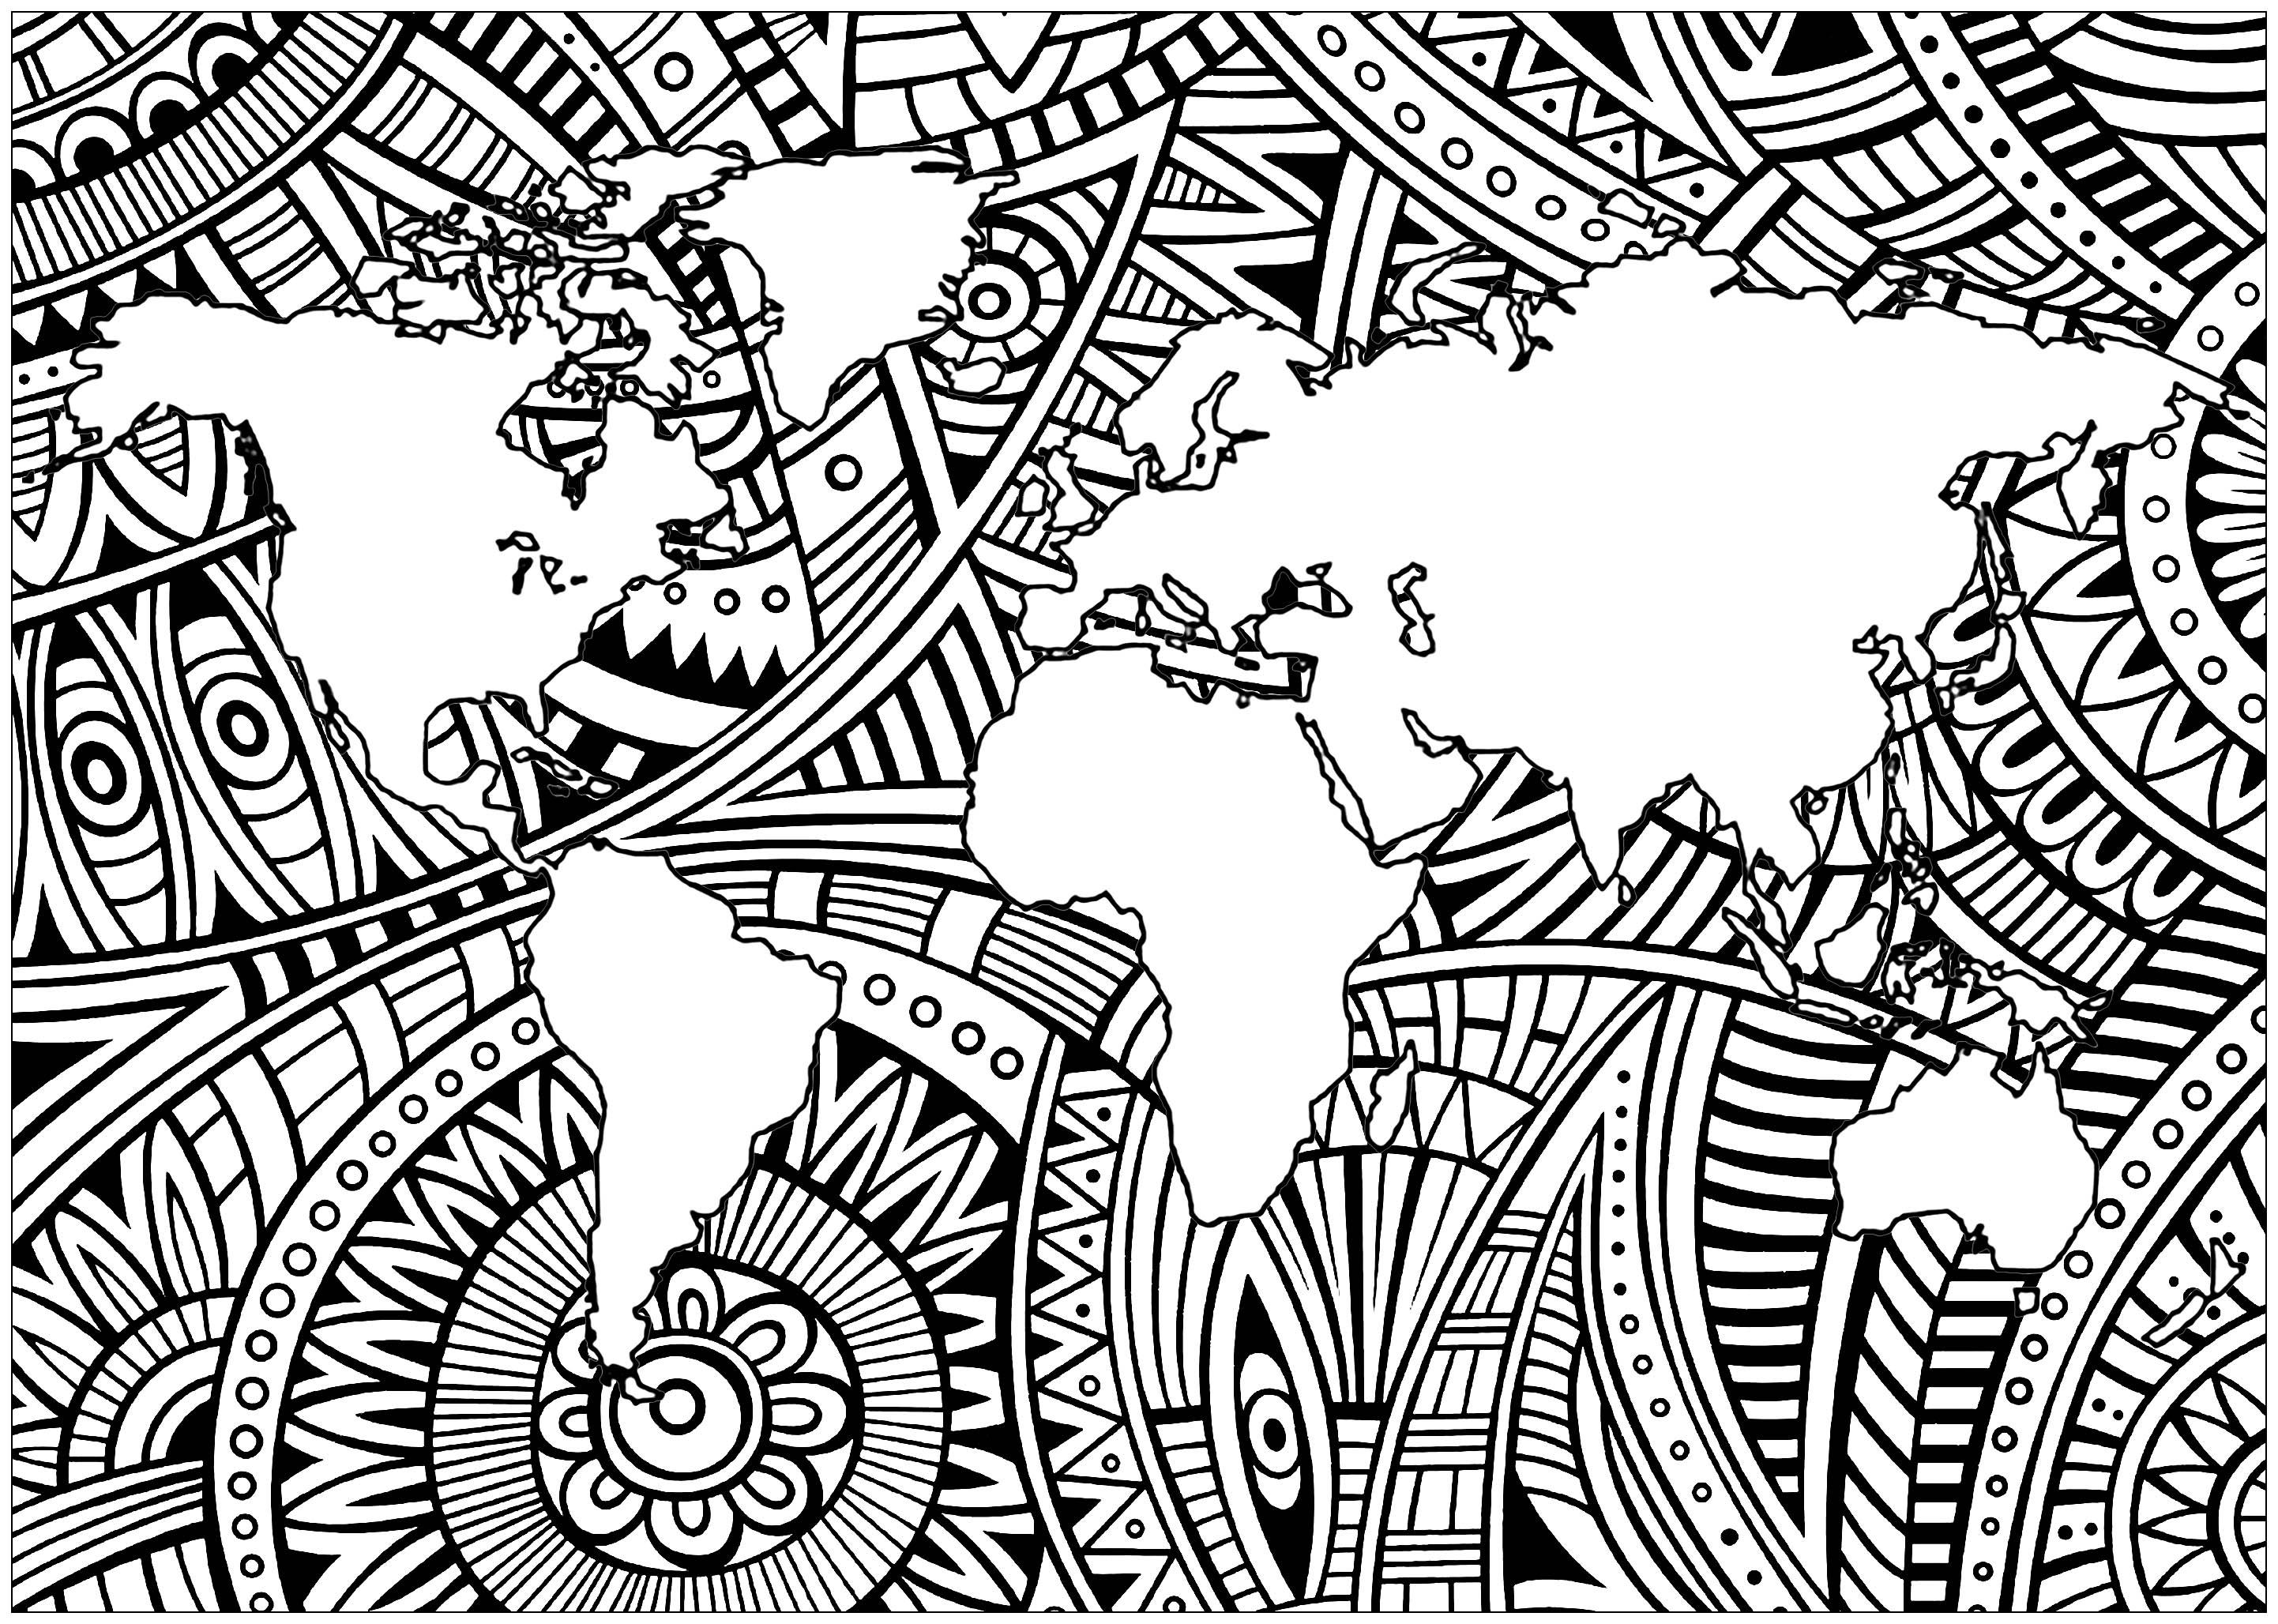 La Terre et des motifs Zentangle simples (dans les mers)